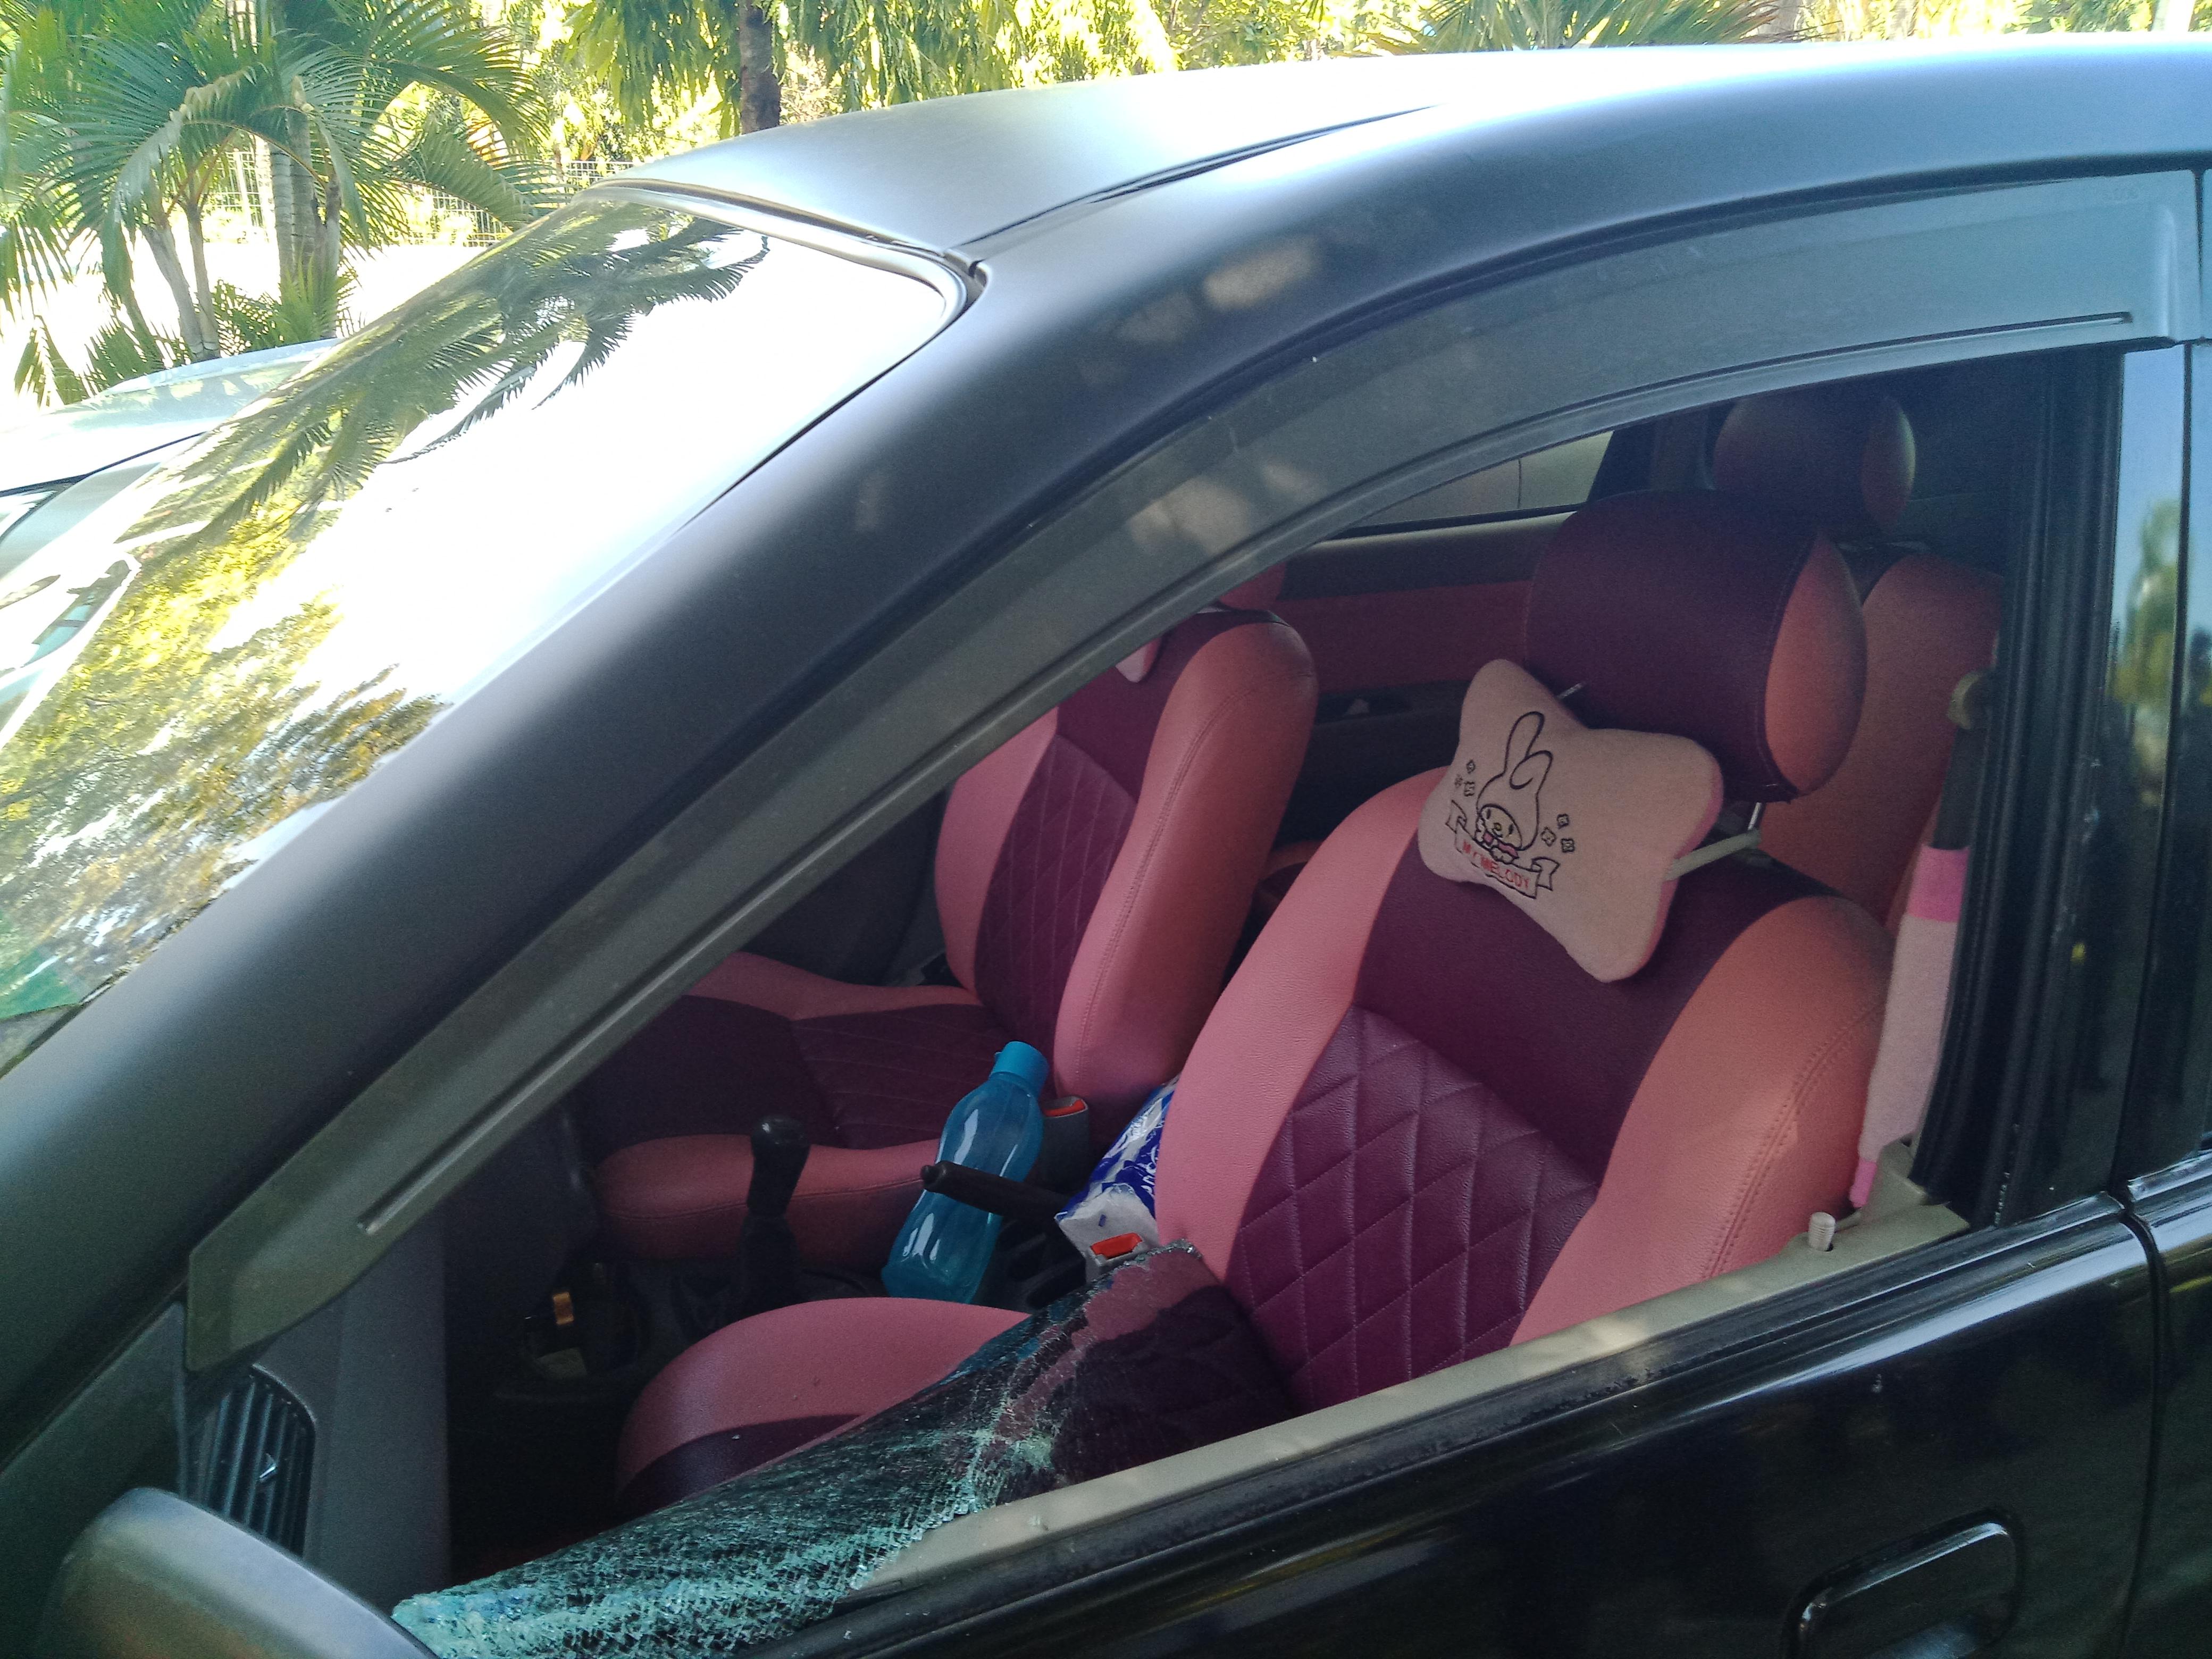 Gambar Pecahkan Kaca Mobil, Pencuri Sikat Uang Rp 11 Juta, Laptop dan Handpone di Mamuju